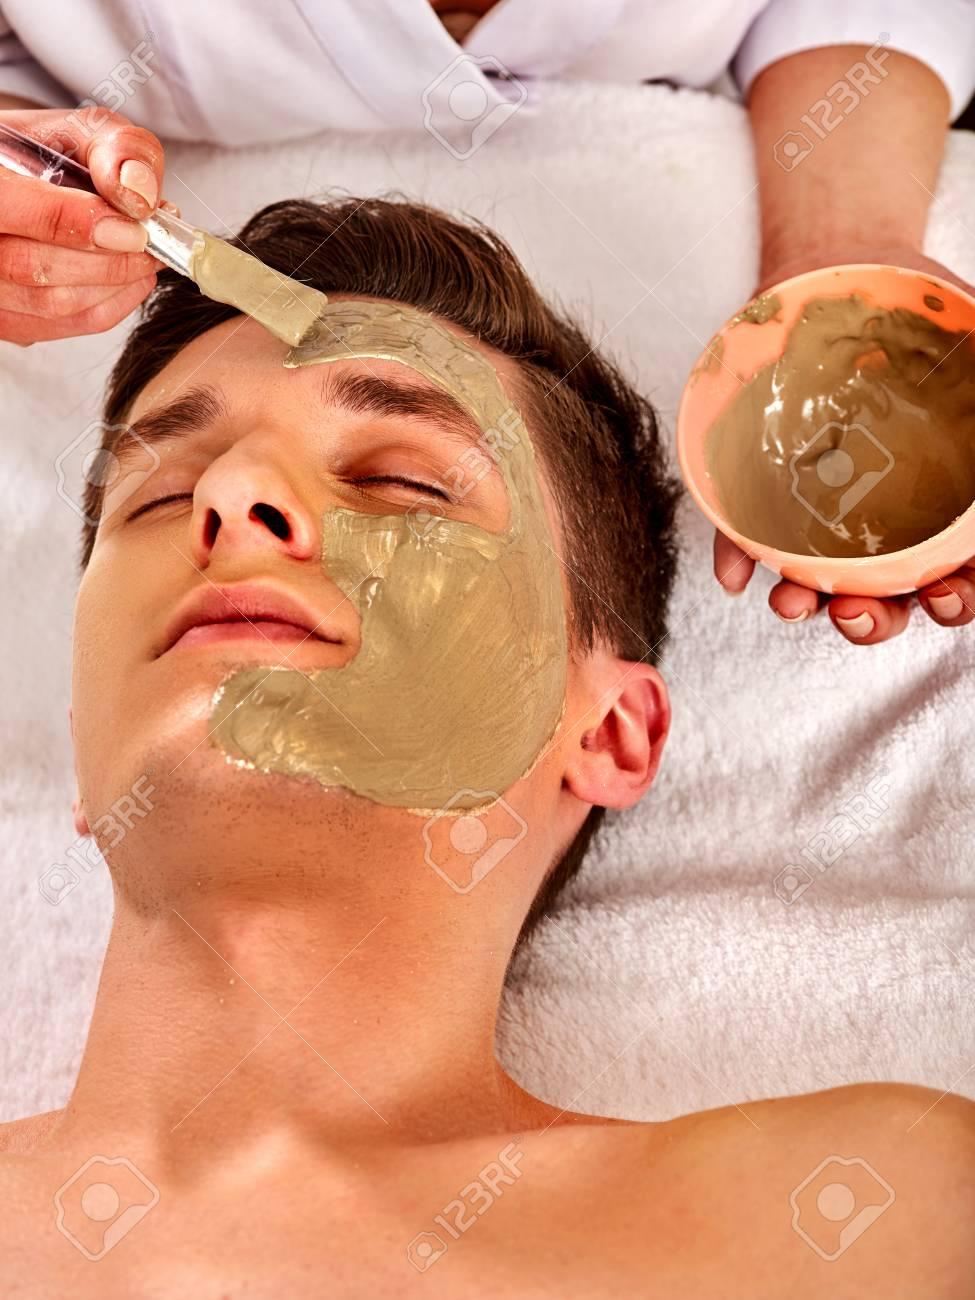 Massage A Girl